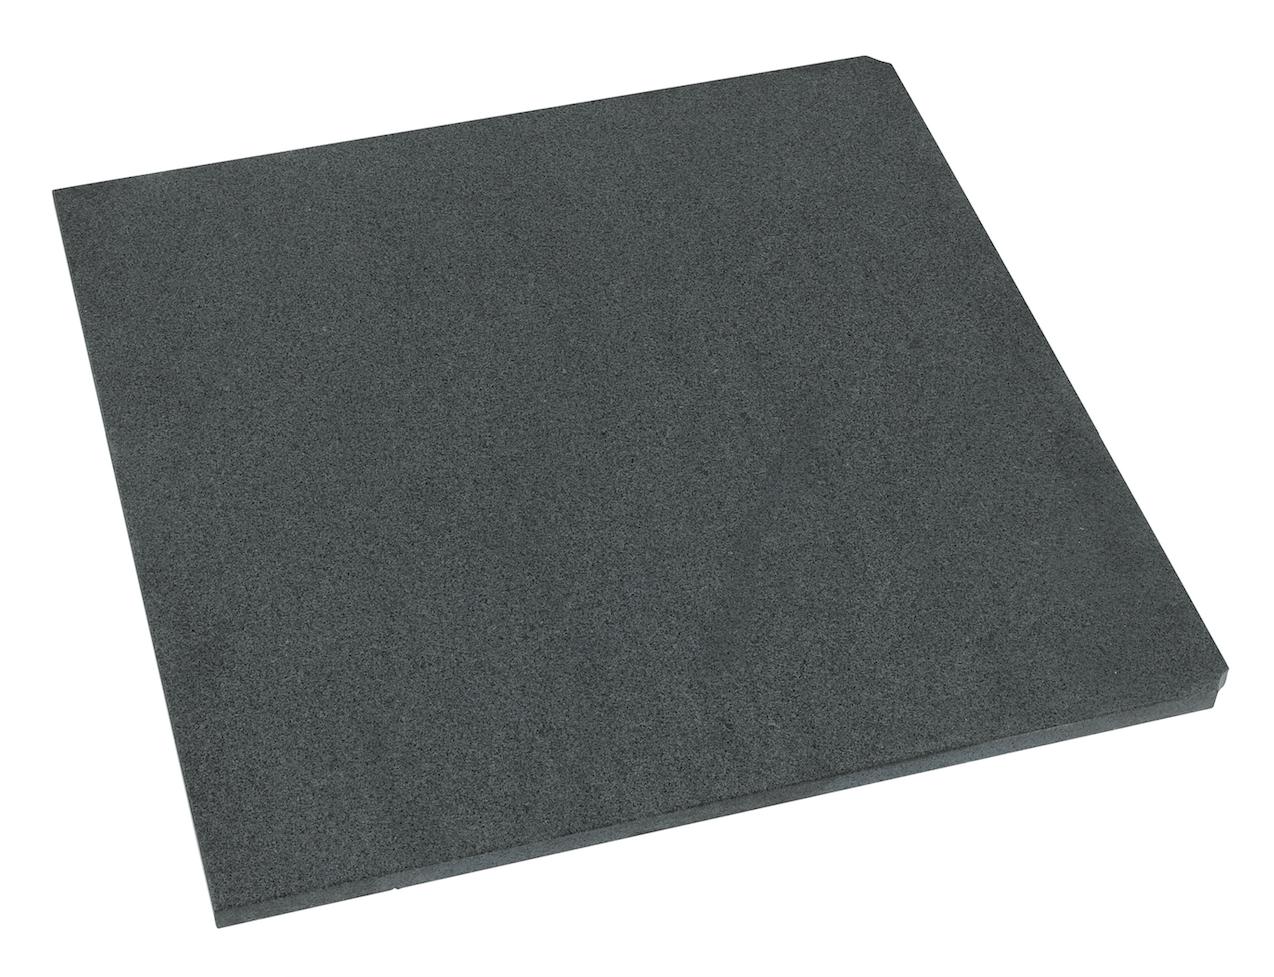 arbeitsplatte granit dancook. Black Bedroom Furniture Sets. Home Design Ideas